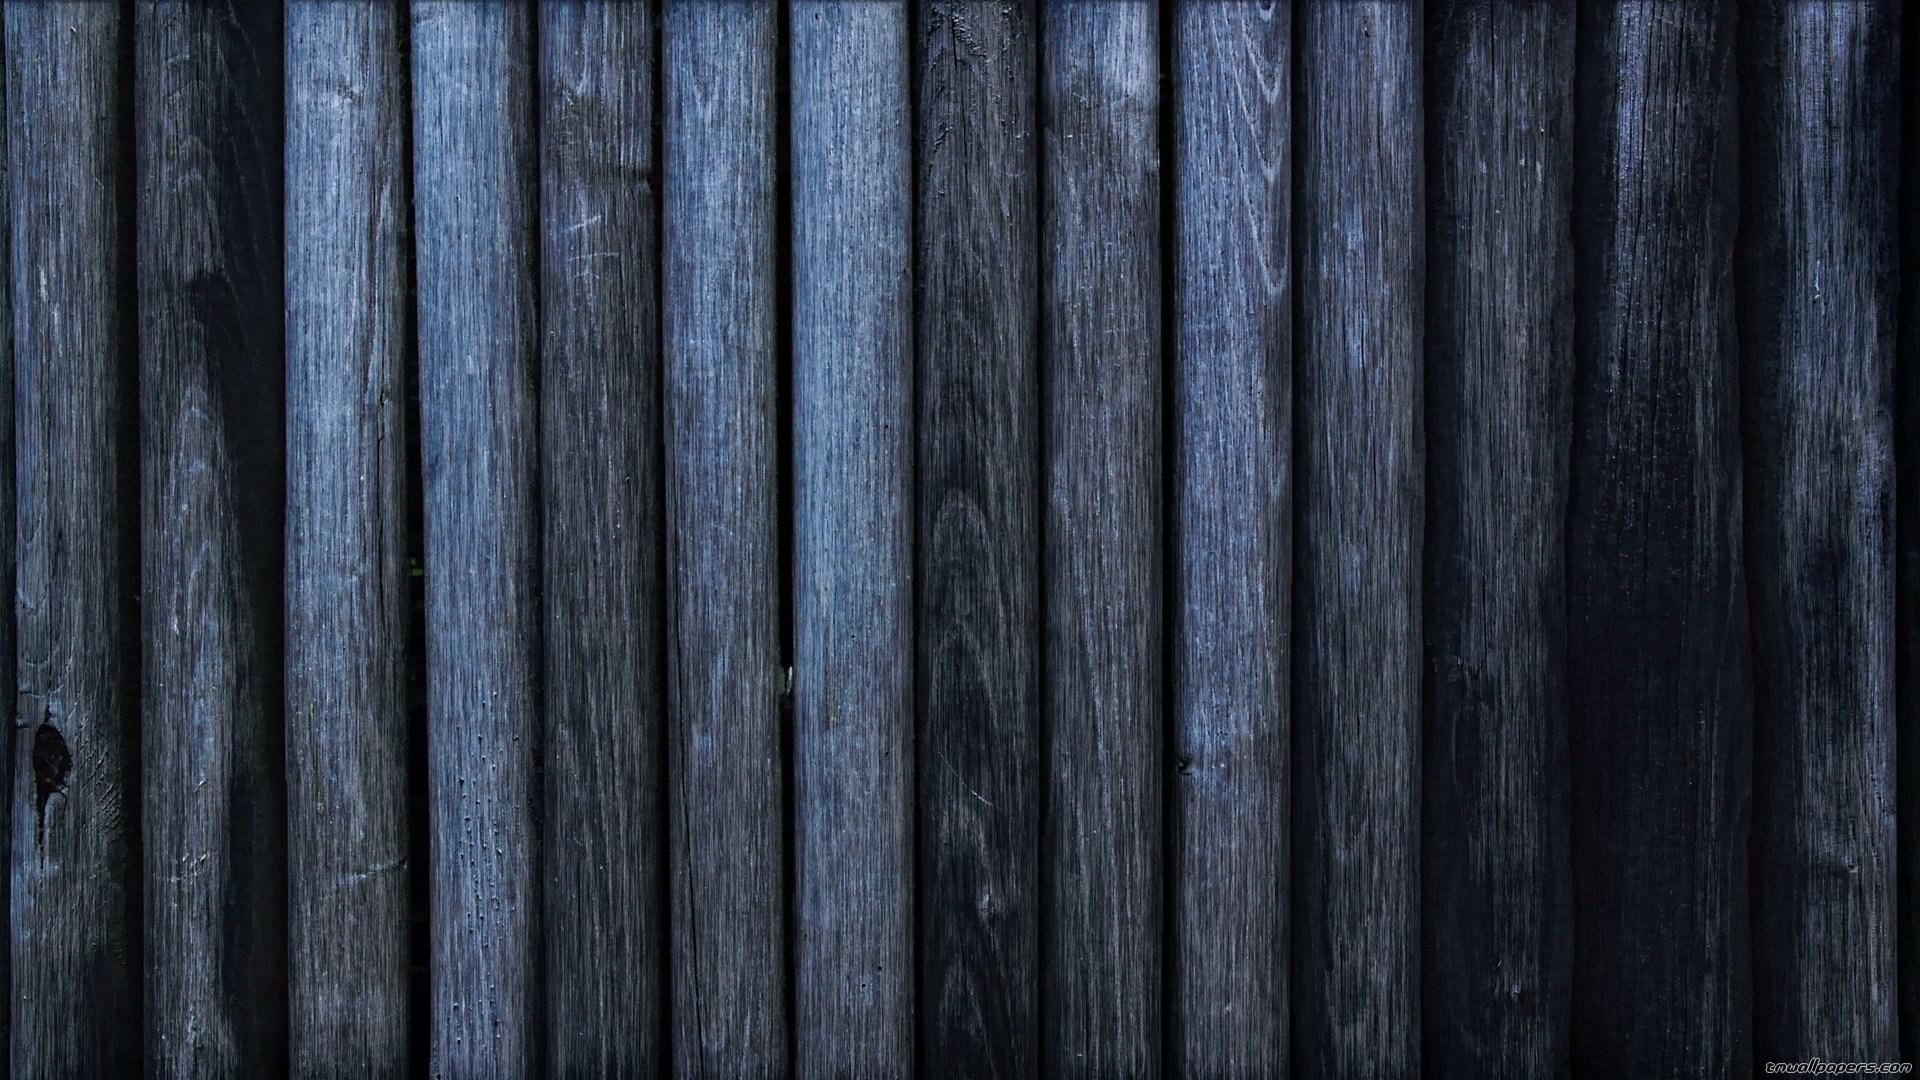 Hd wallpaper vertical - Wallpapers Wide Wallpapers E Hd Wallpapers Vertical Lines